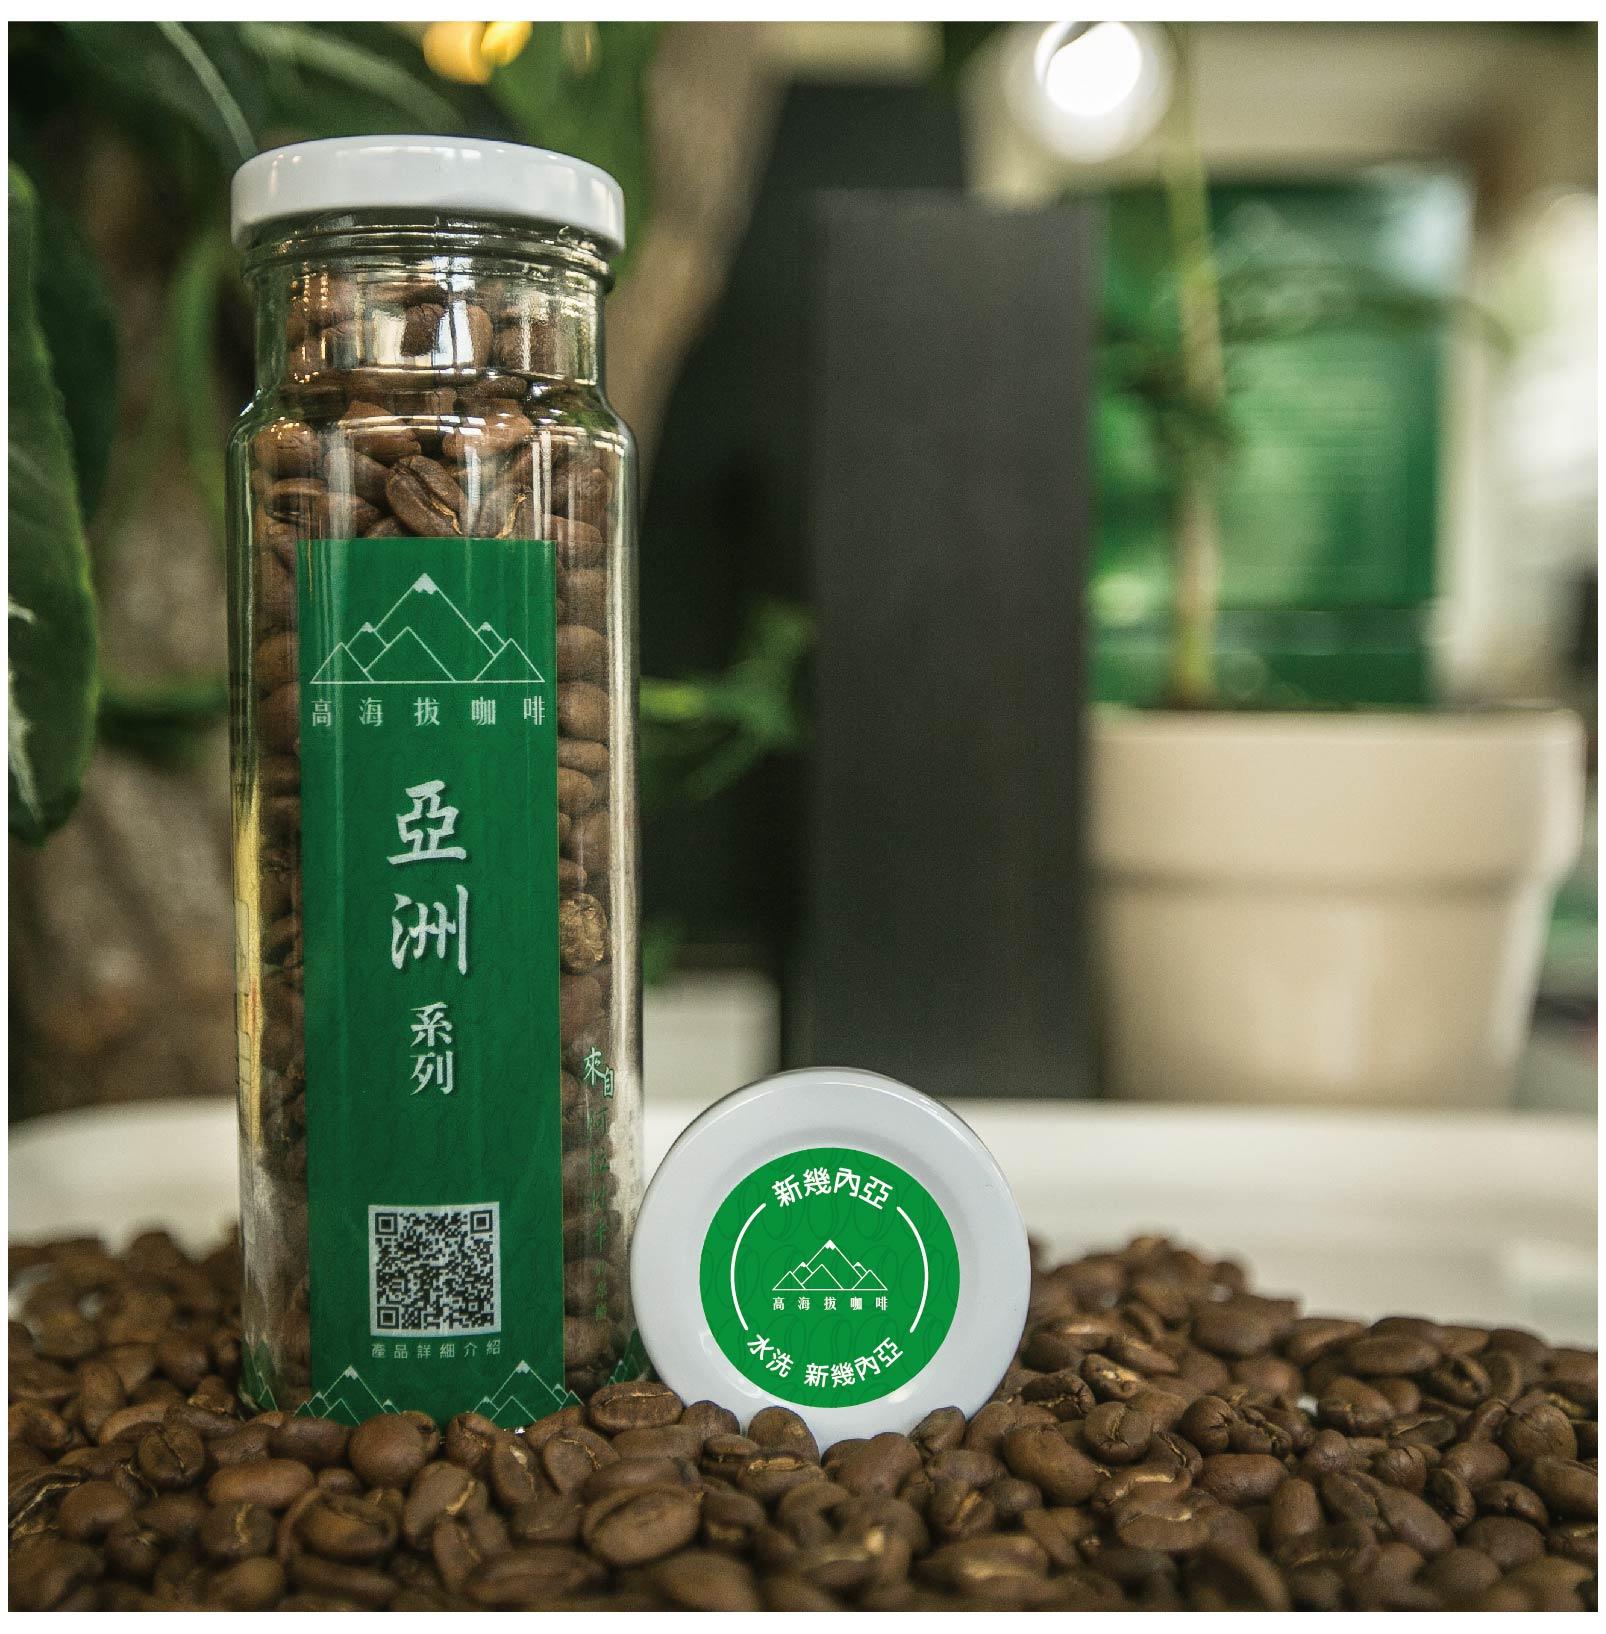 亞洲系列/新幾內亞 (1/4磅咖啡豆/1/4磅咖啡粉/浸泡式-10入/掛耳式-10入)